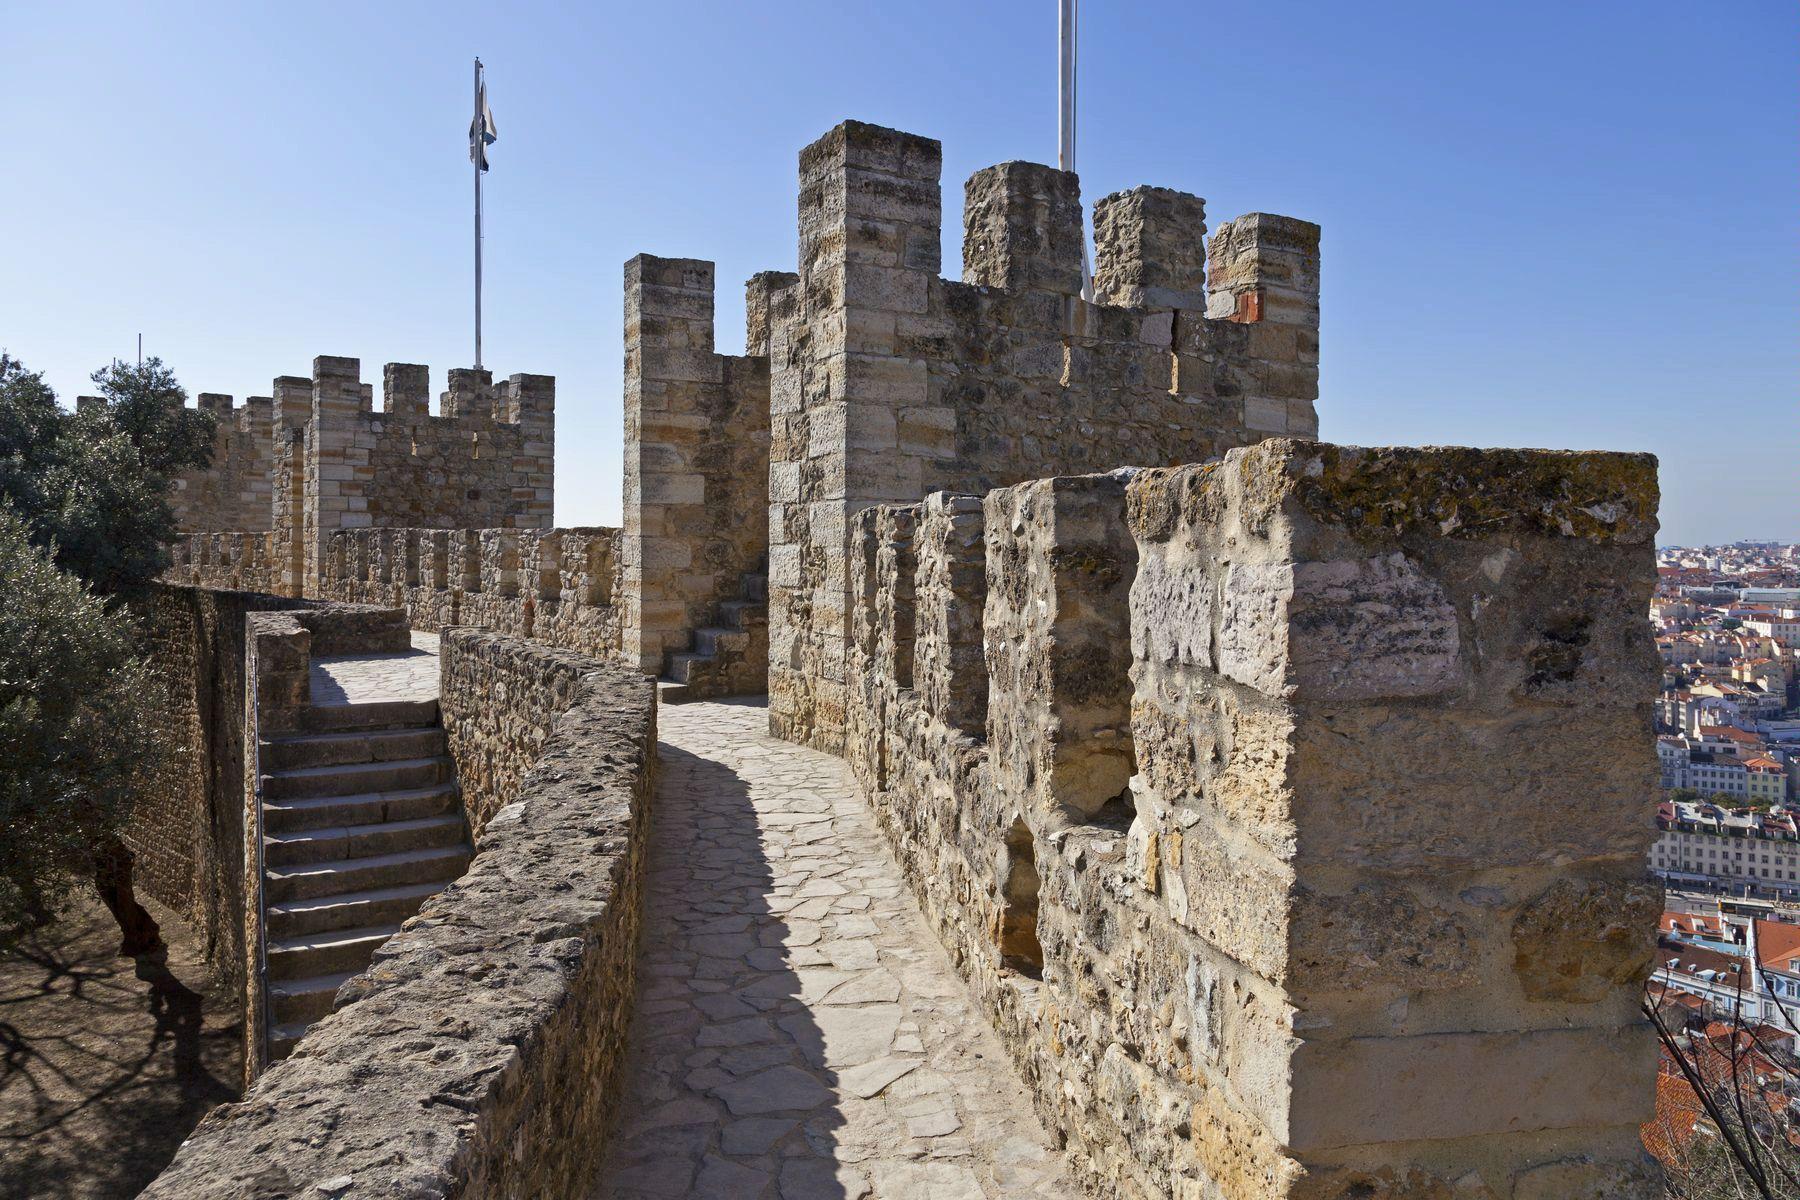 Лиссабон. Замок Святого Георгия. Оборонительные стены и башни